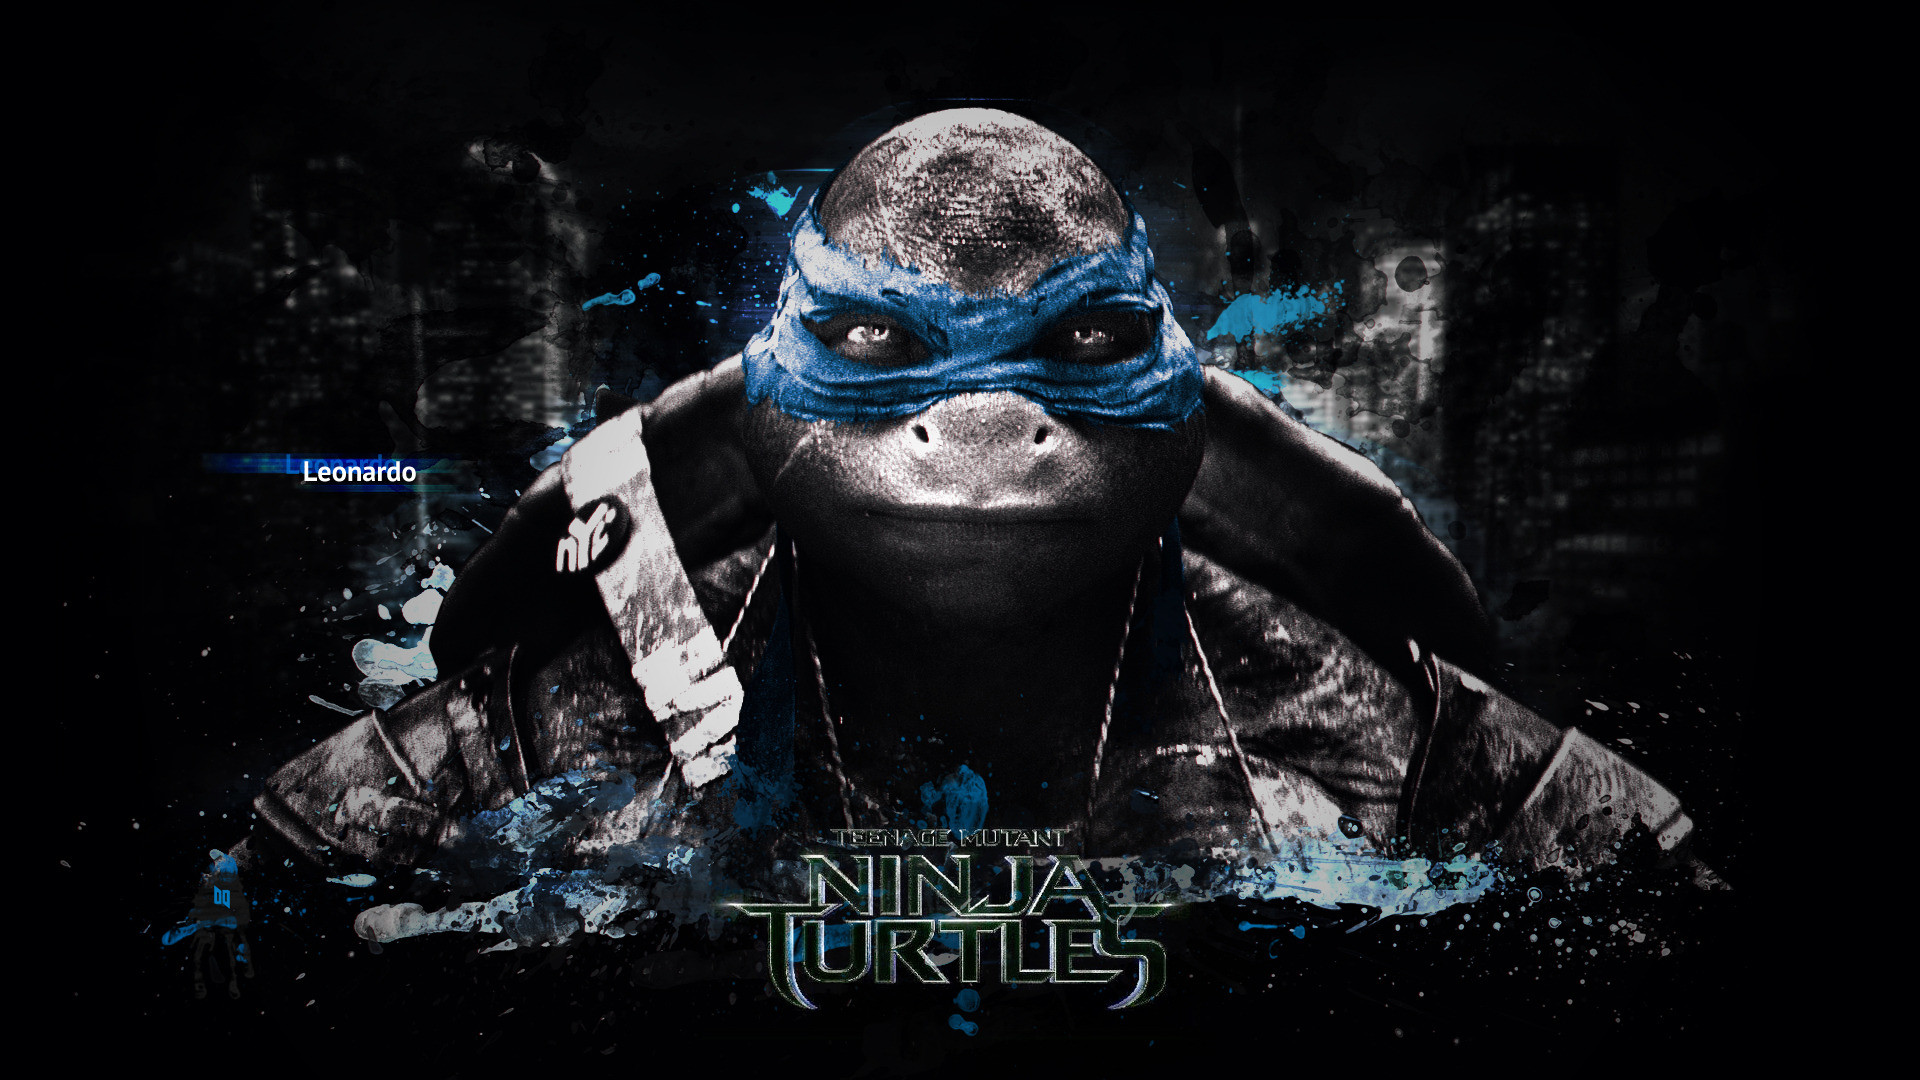 Leonardo – Teenage Mutant Ninja Turtles HD Wallpaper 1920×1080